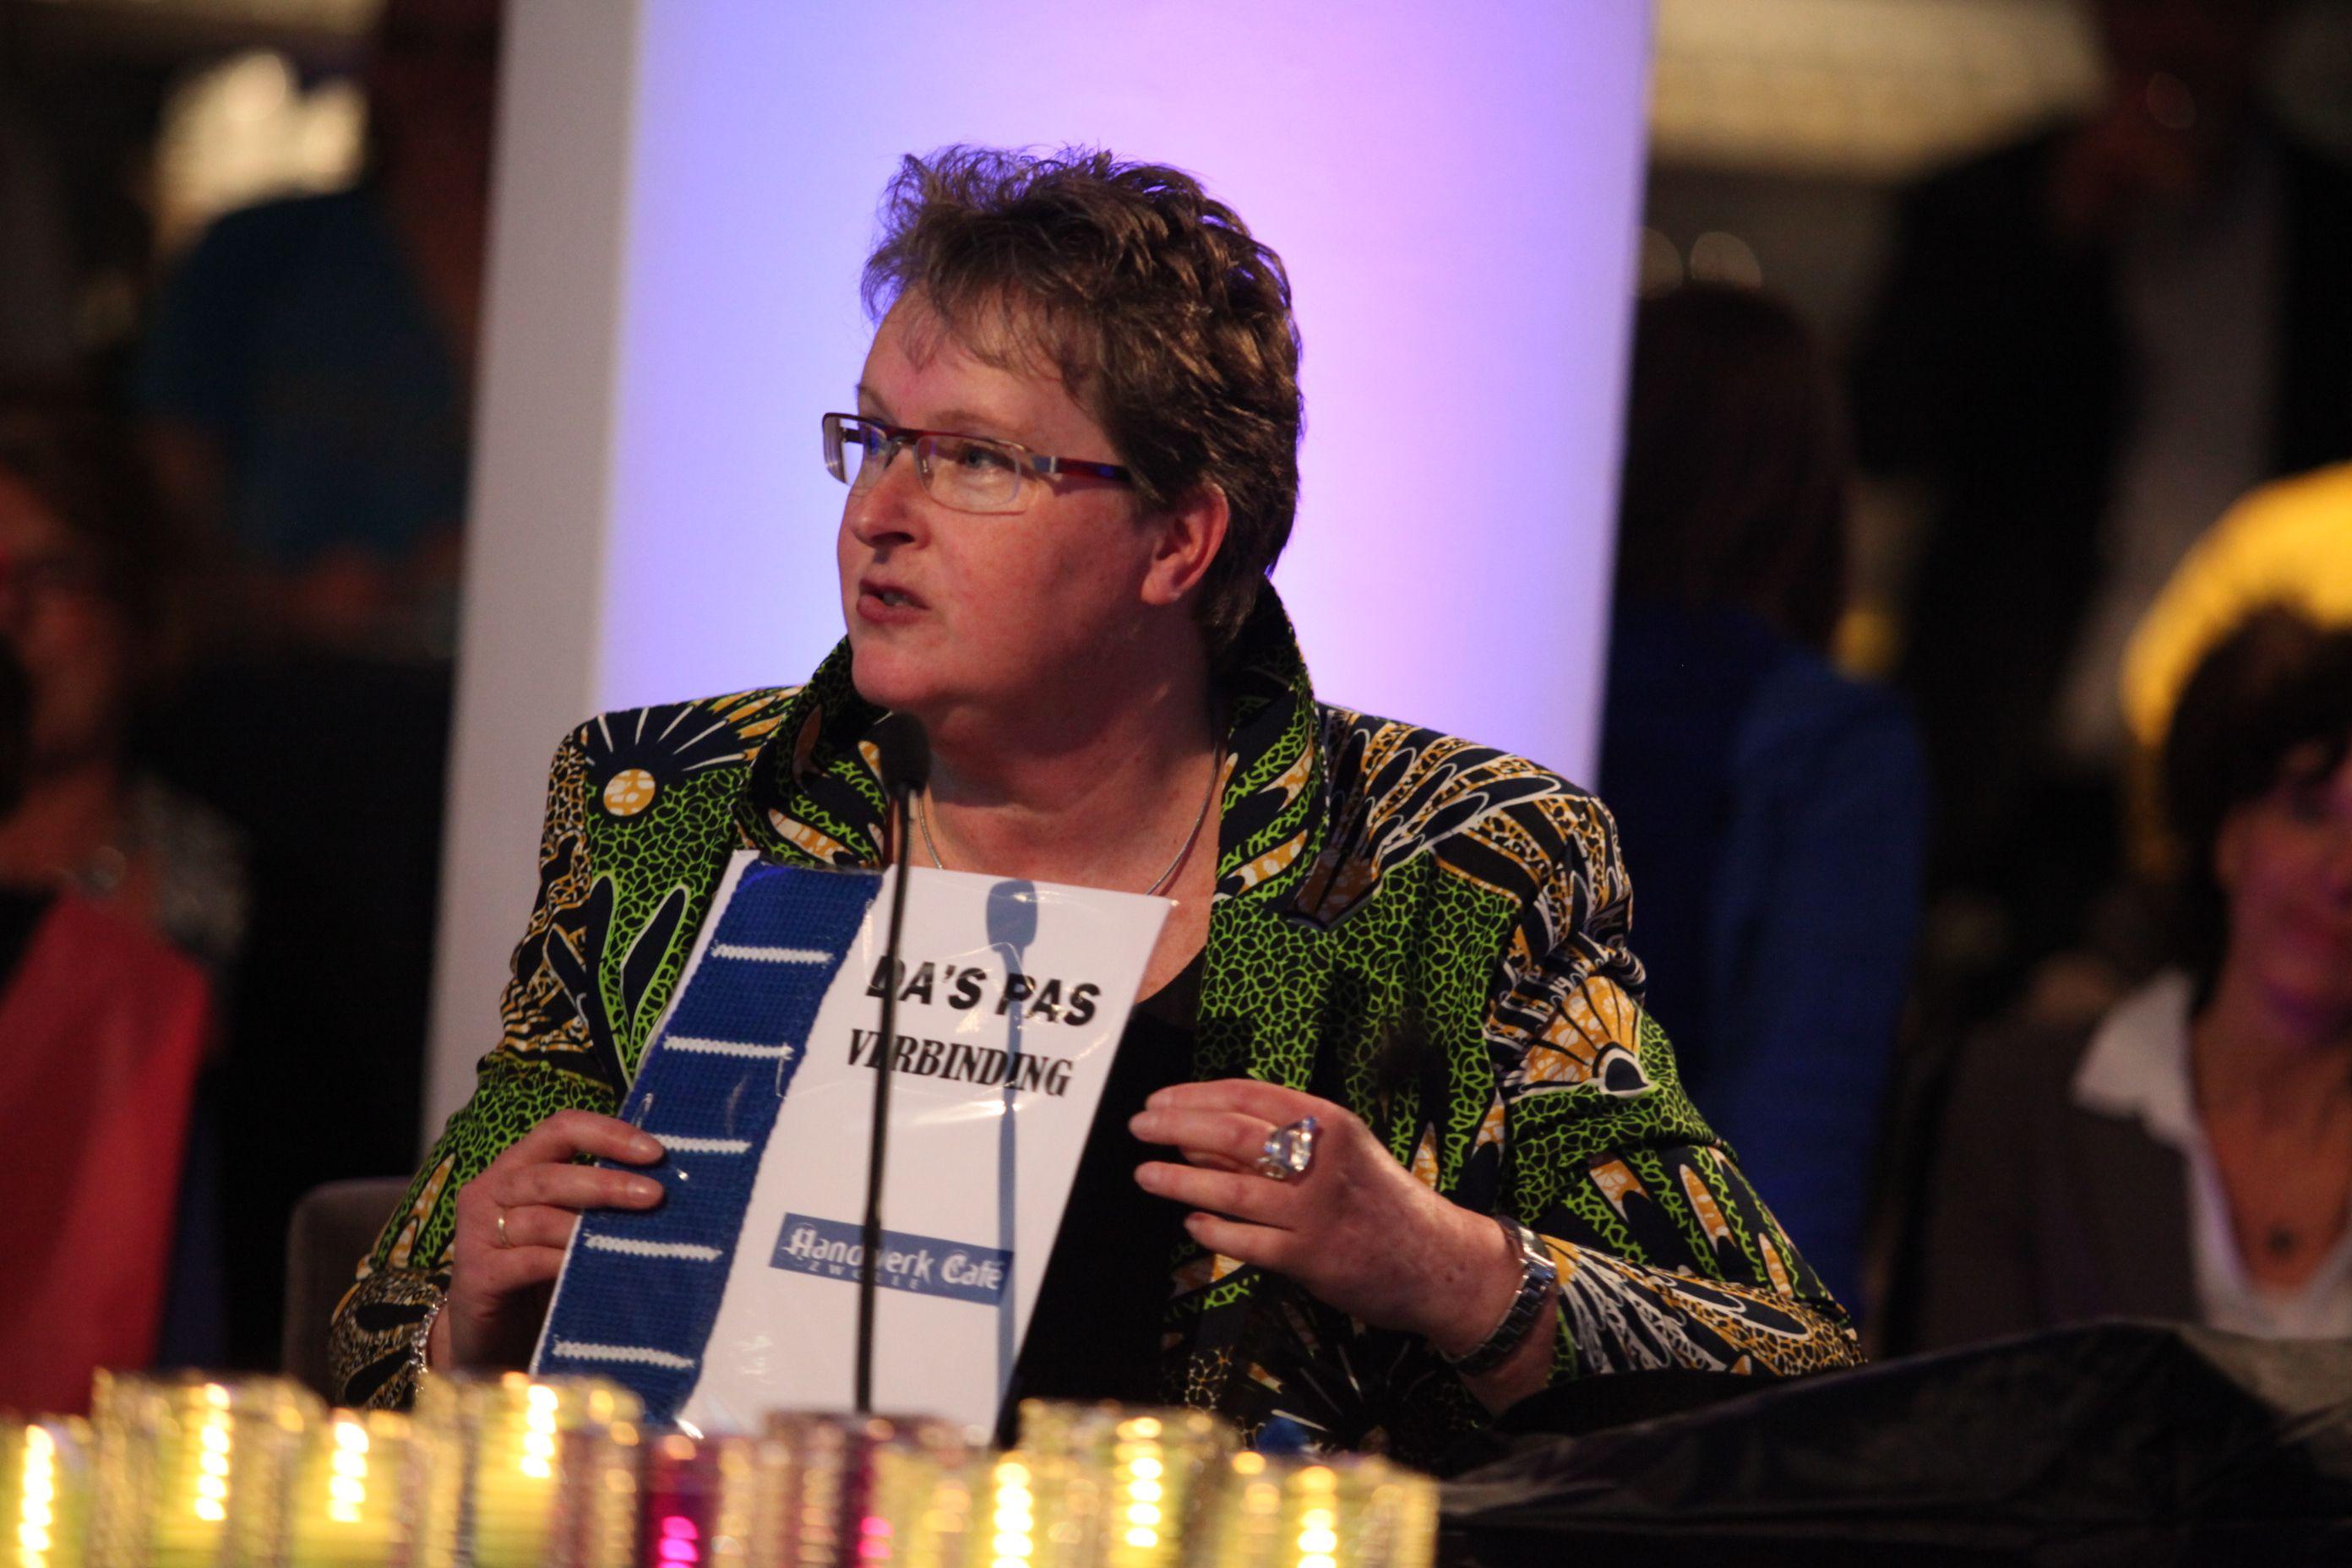 Namens de Handwerkclub Zwolle krijgen alle leden van het college een zelfgebreide stropdas overhandigd. Dé trend van 2012!